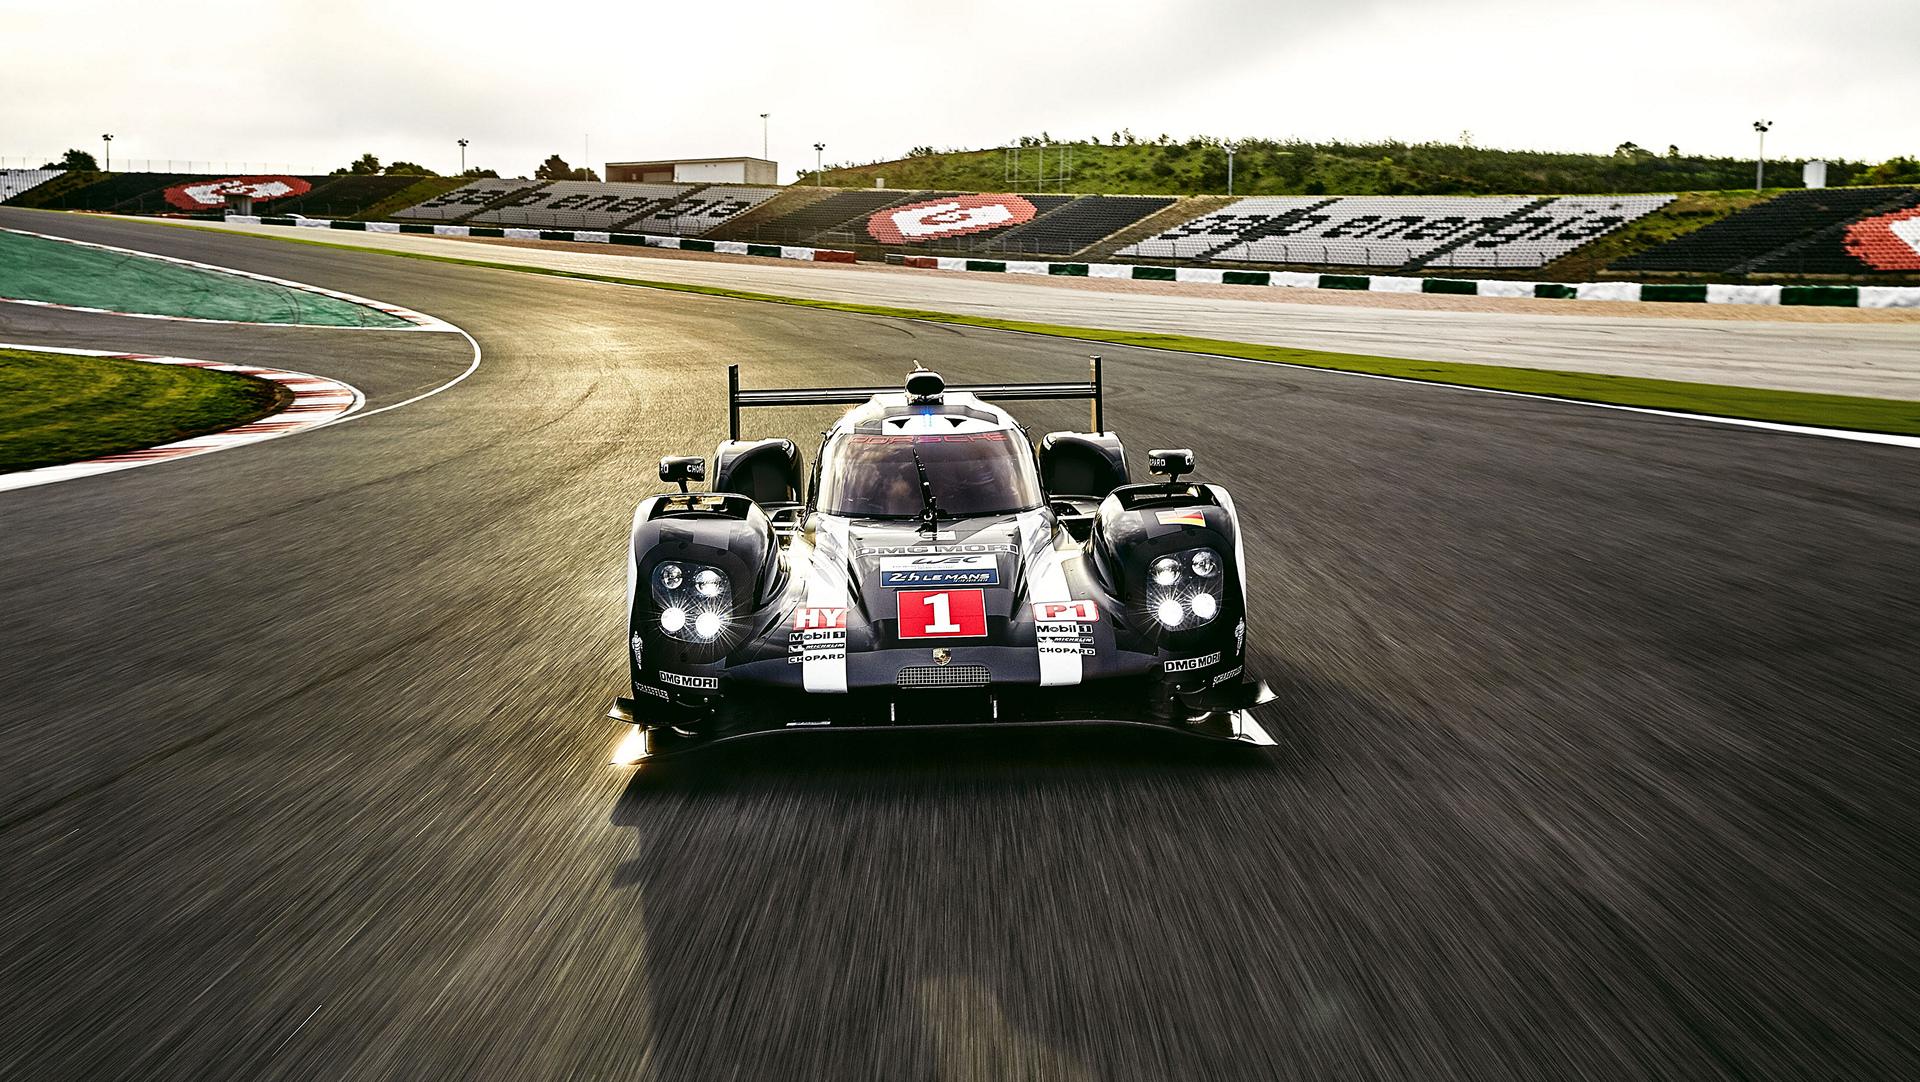 Porsche 919 Hybrid © Dr. Ing. h.c. F. Porsche AG